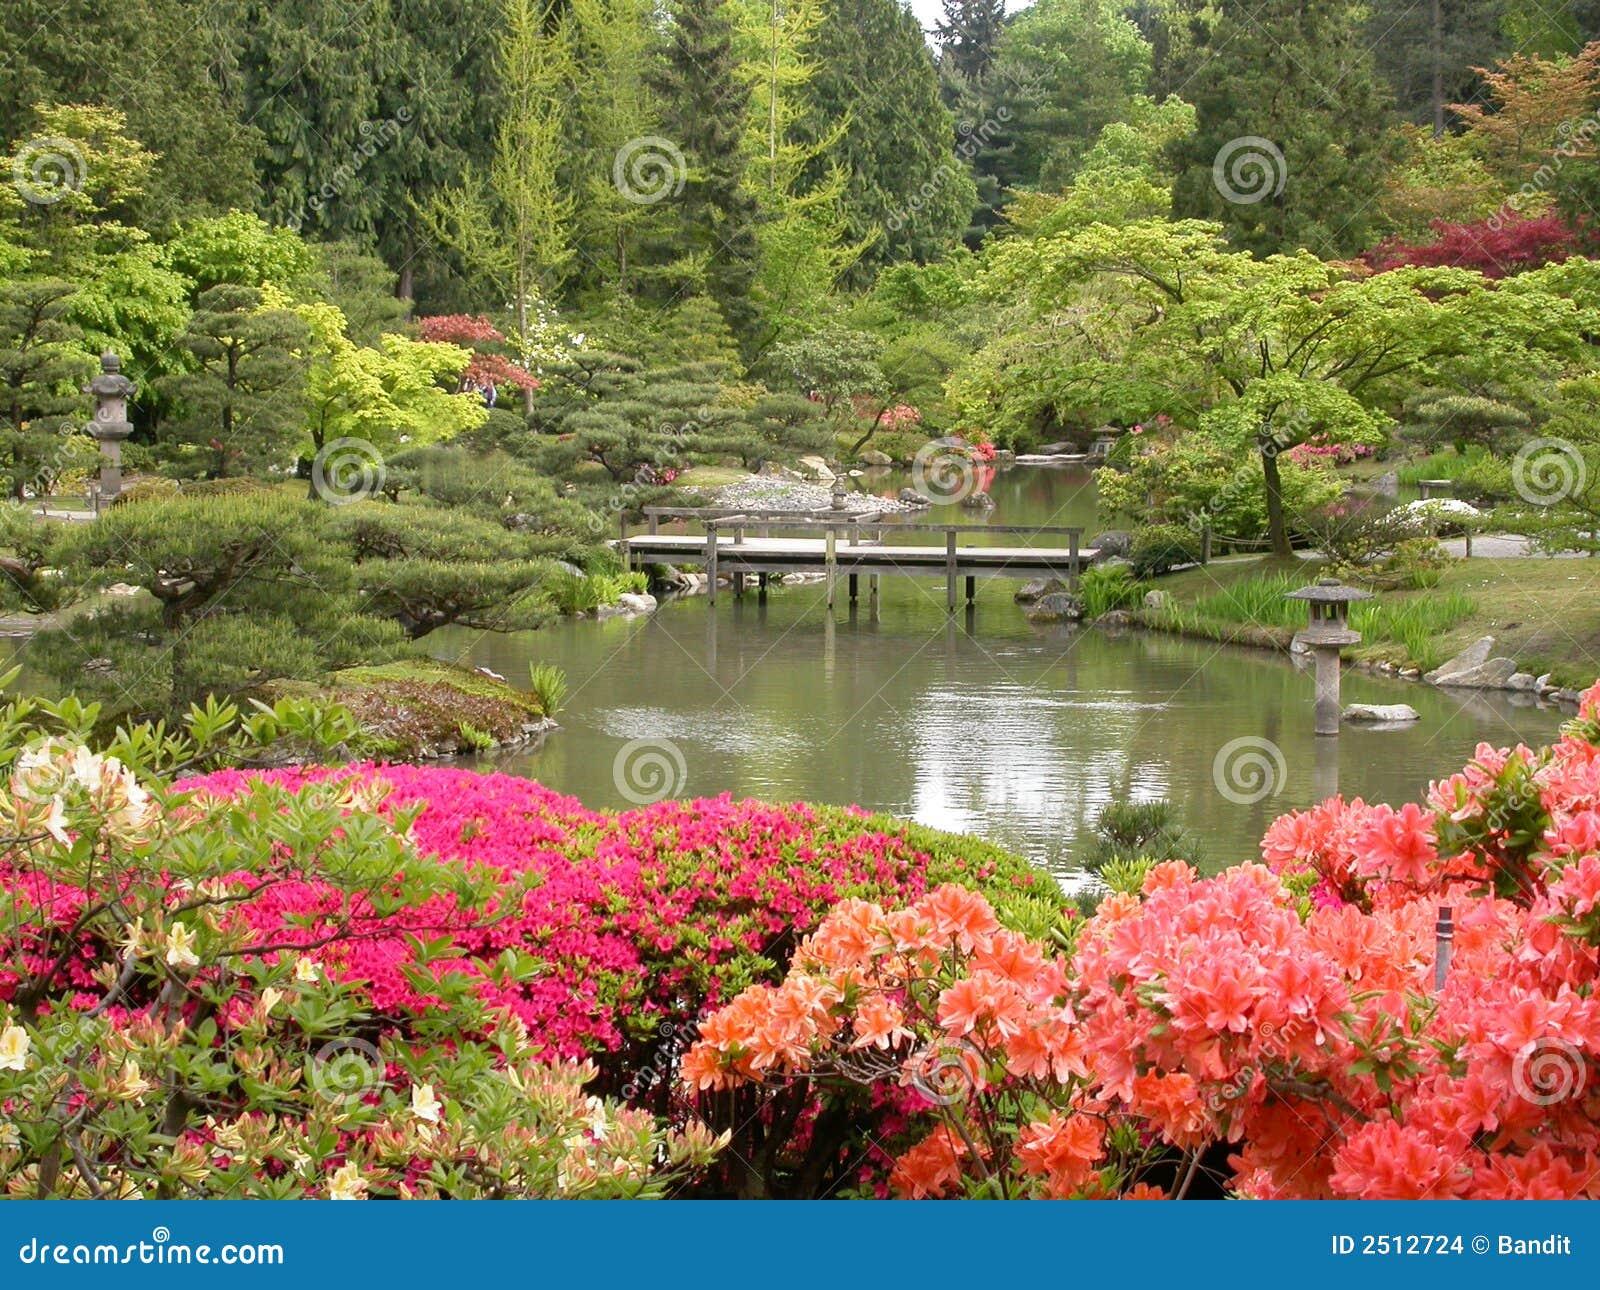 imagens jardim japones : imagens jardim japones:Jardim japonês com as flores bonitas no primeiro plano, a ponte e a